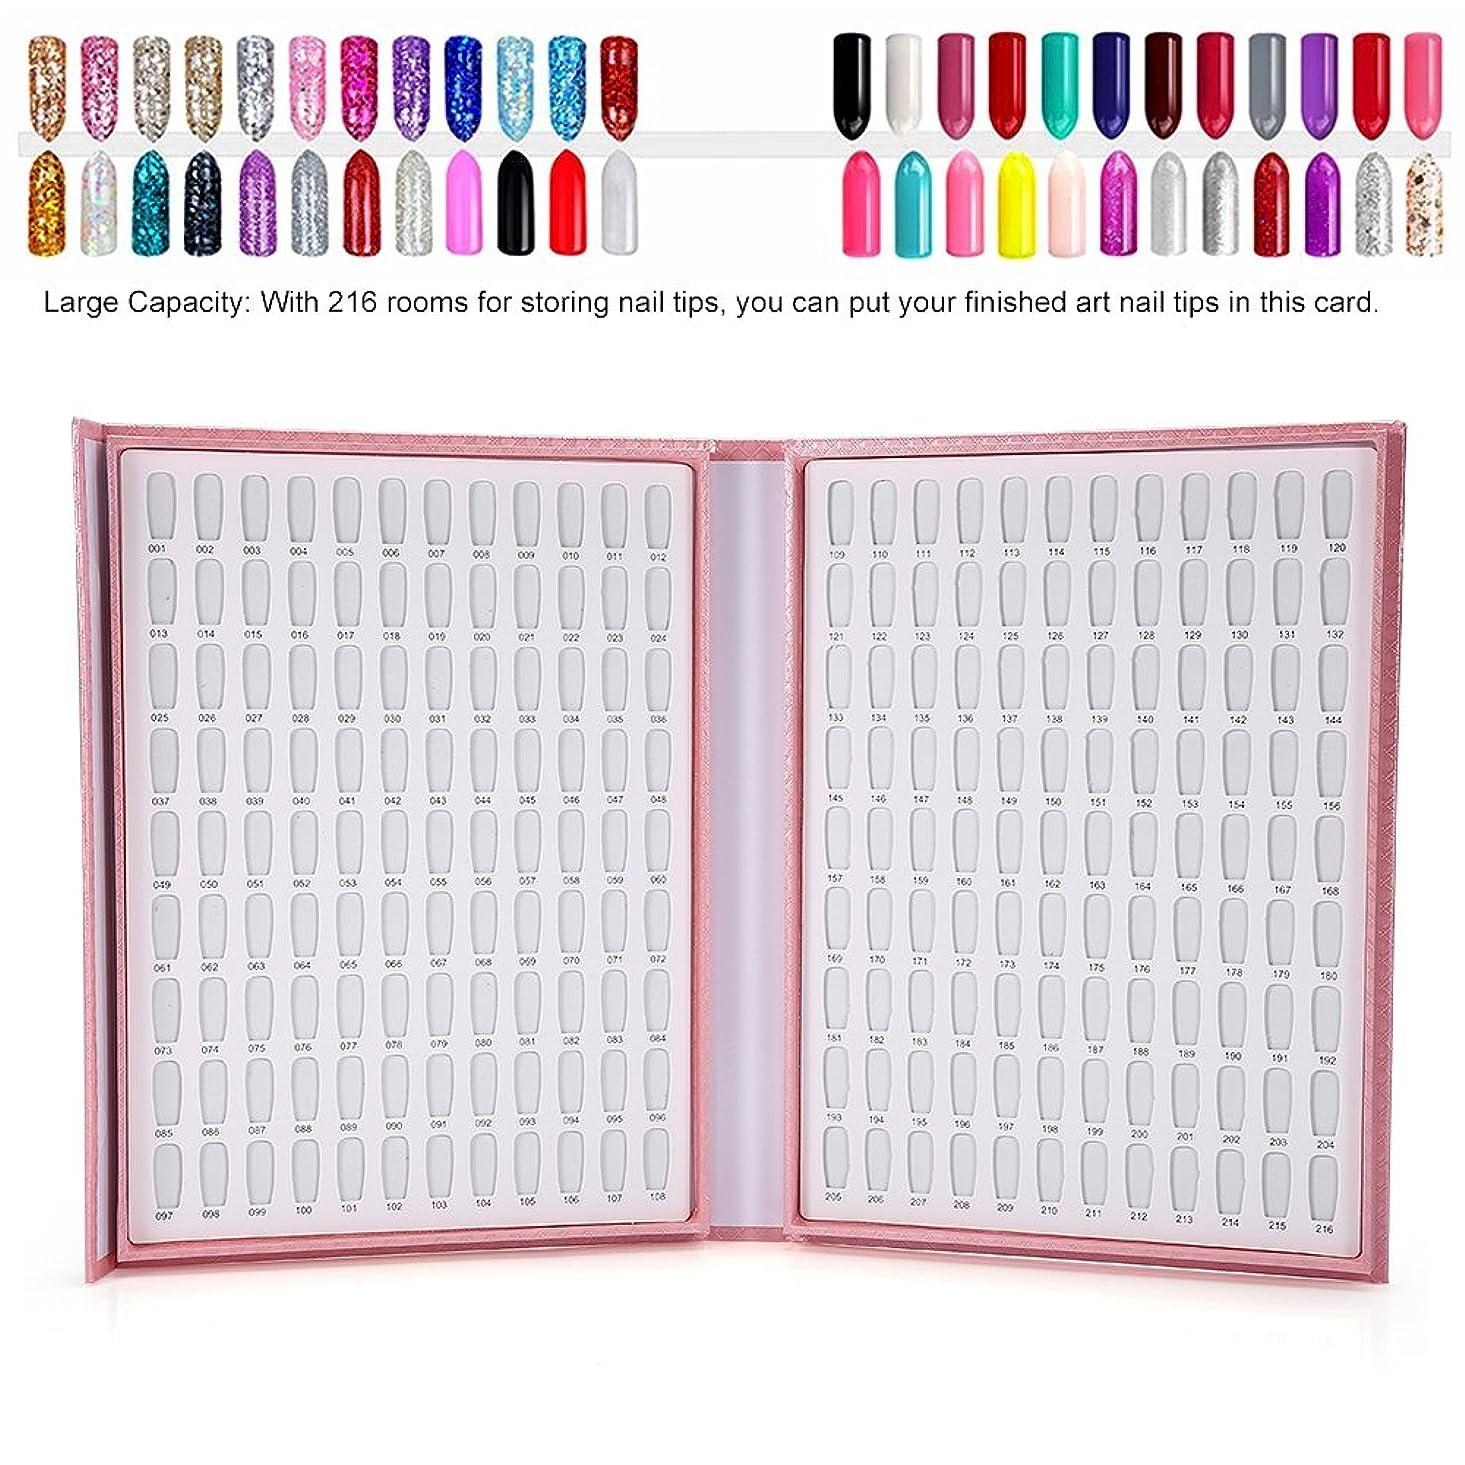 バー複製するローン216色ネイルジェルカラーカードネイルポリッシュ表示図書ネイルアート陳列棚(ピンク)